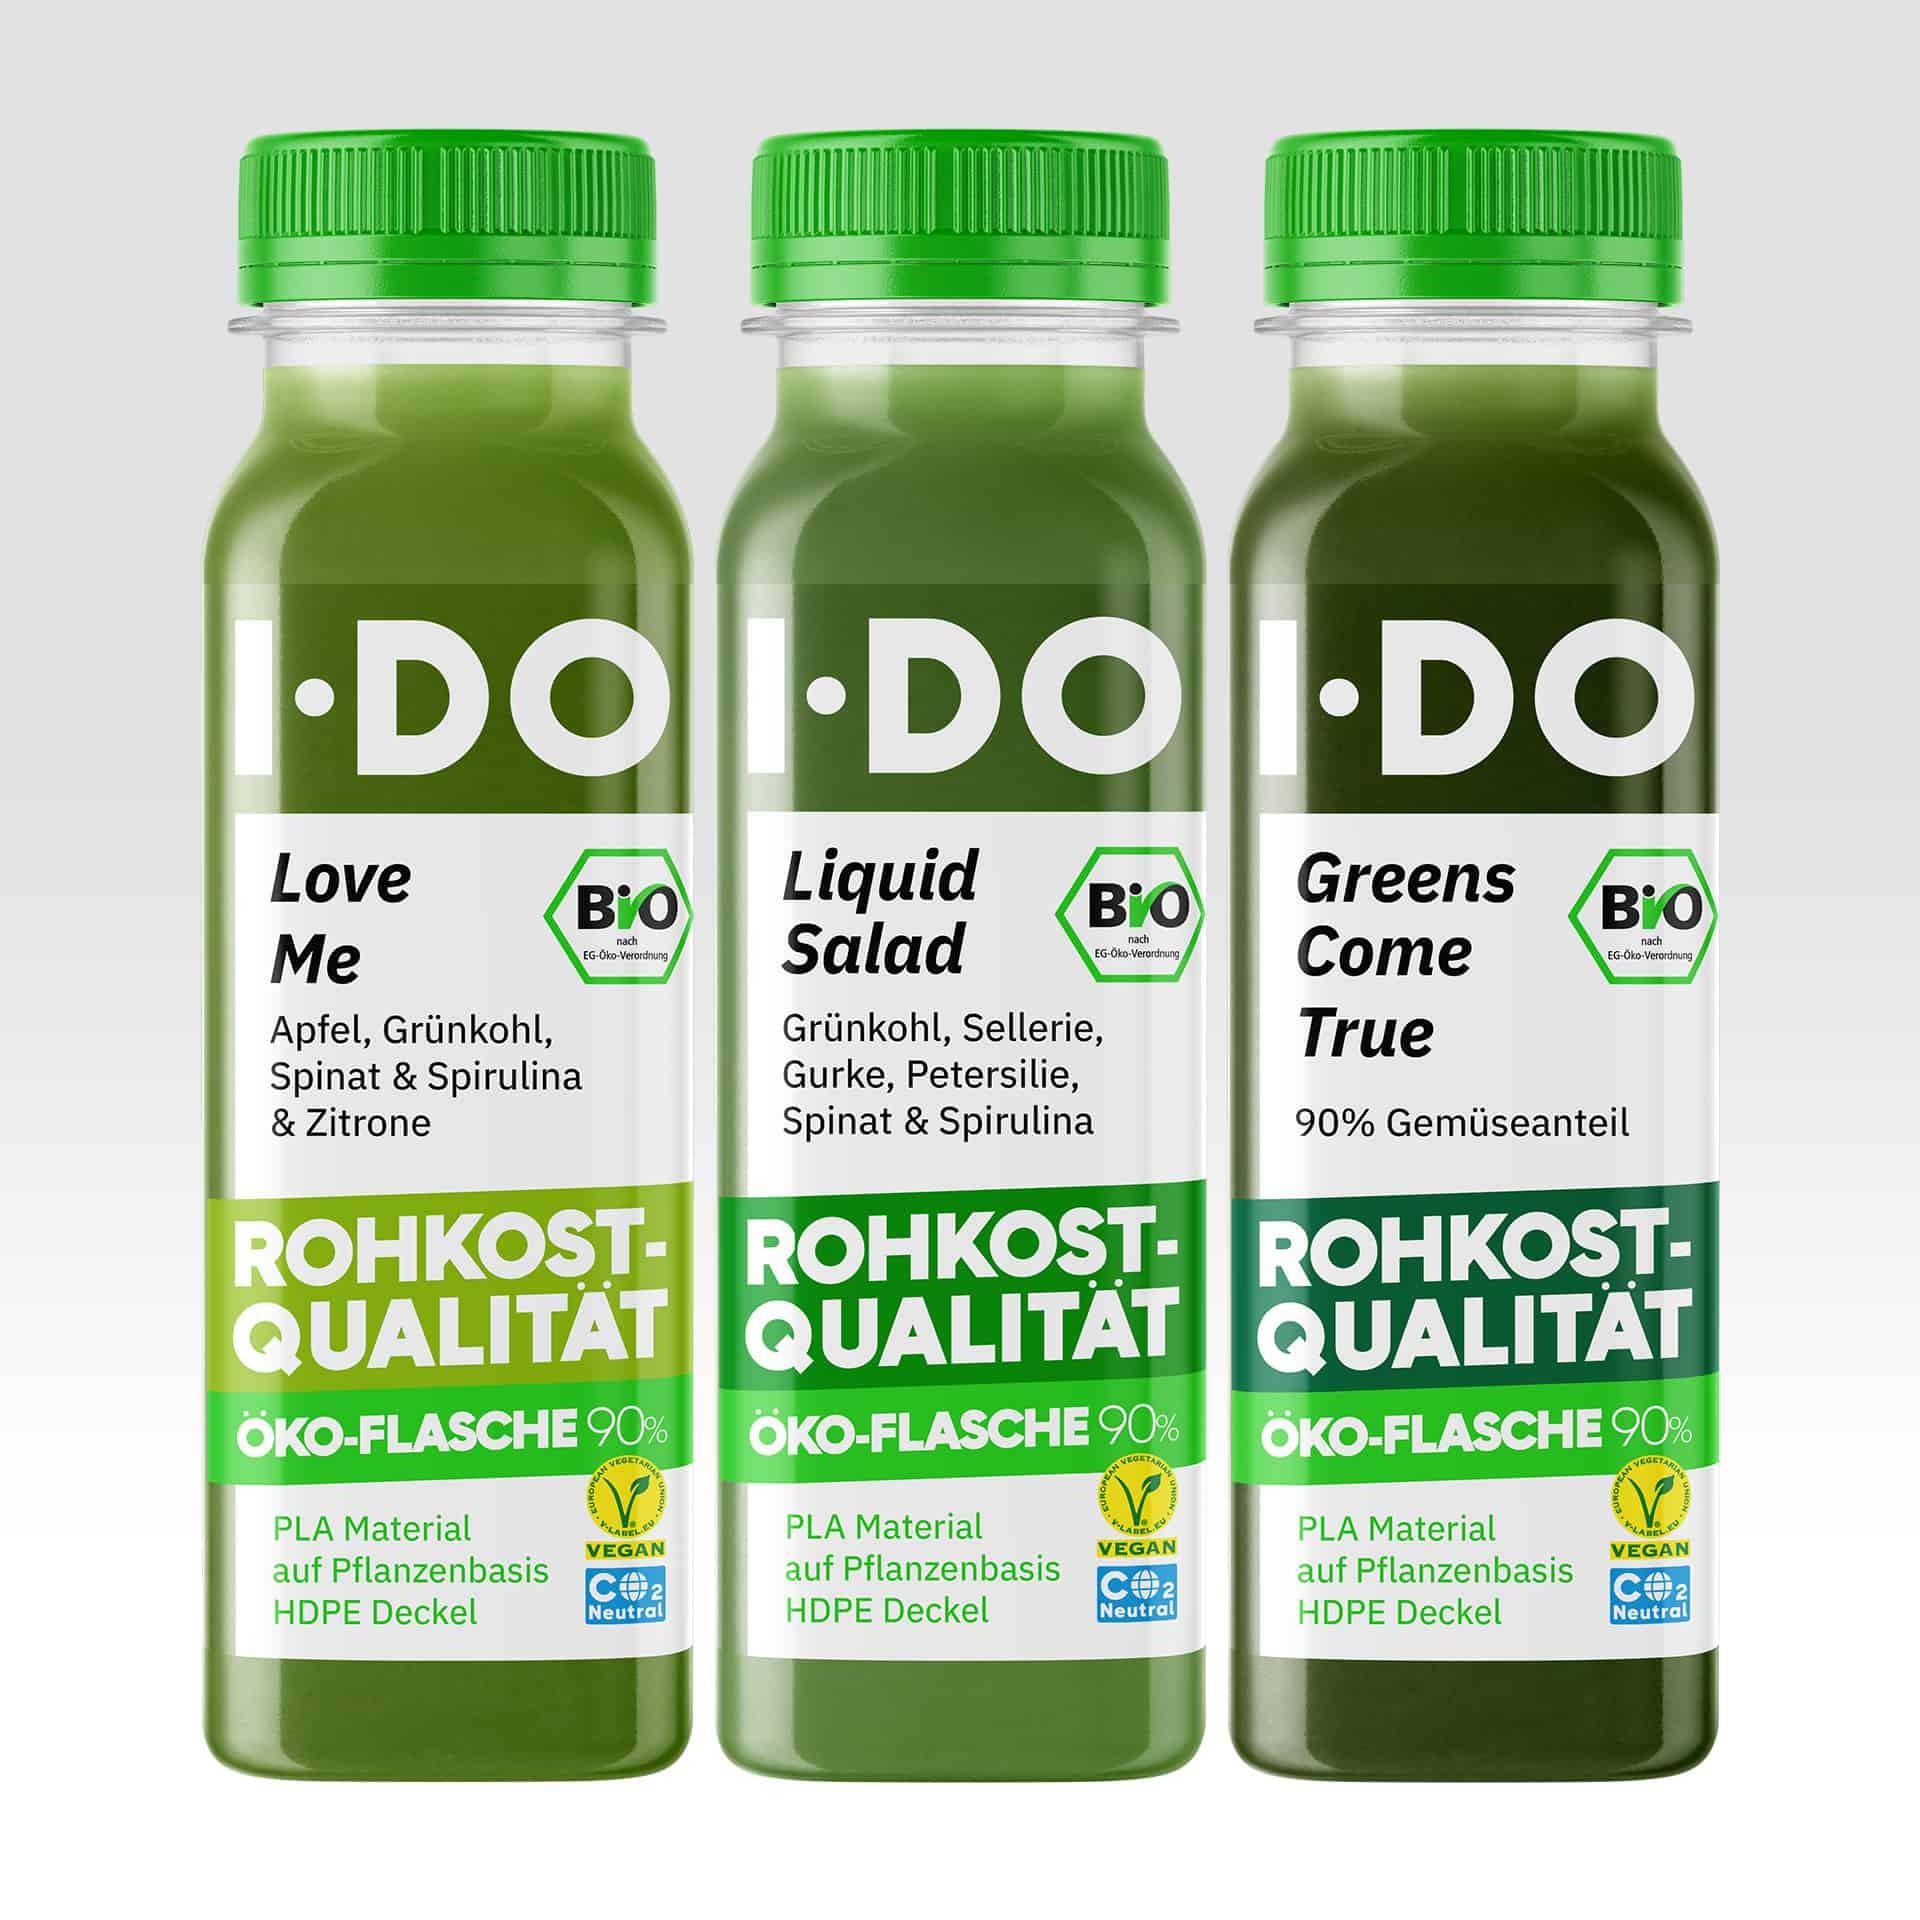 The I·DO Green Team, drei grüne Säfte im Vorratspaket